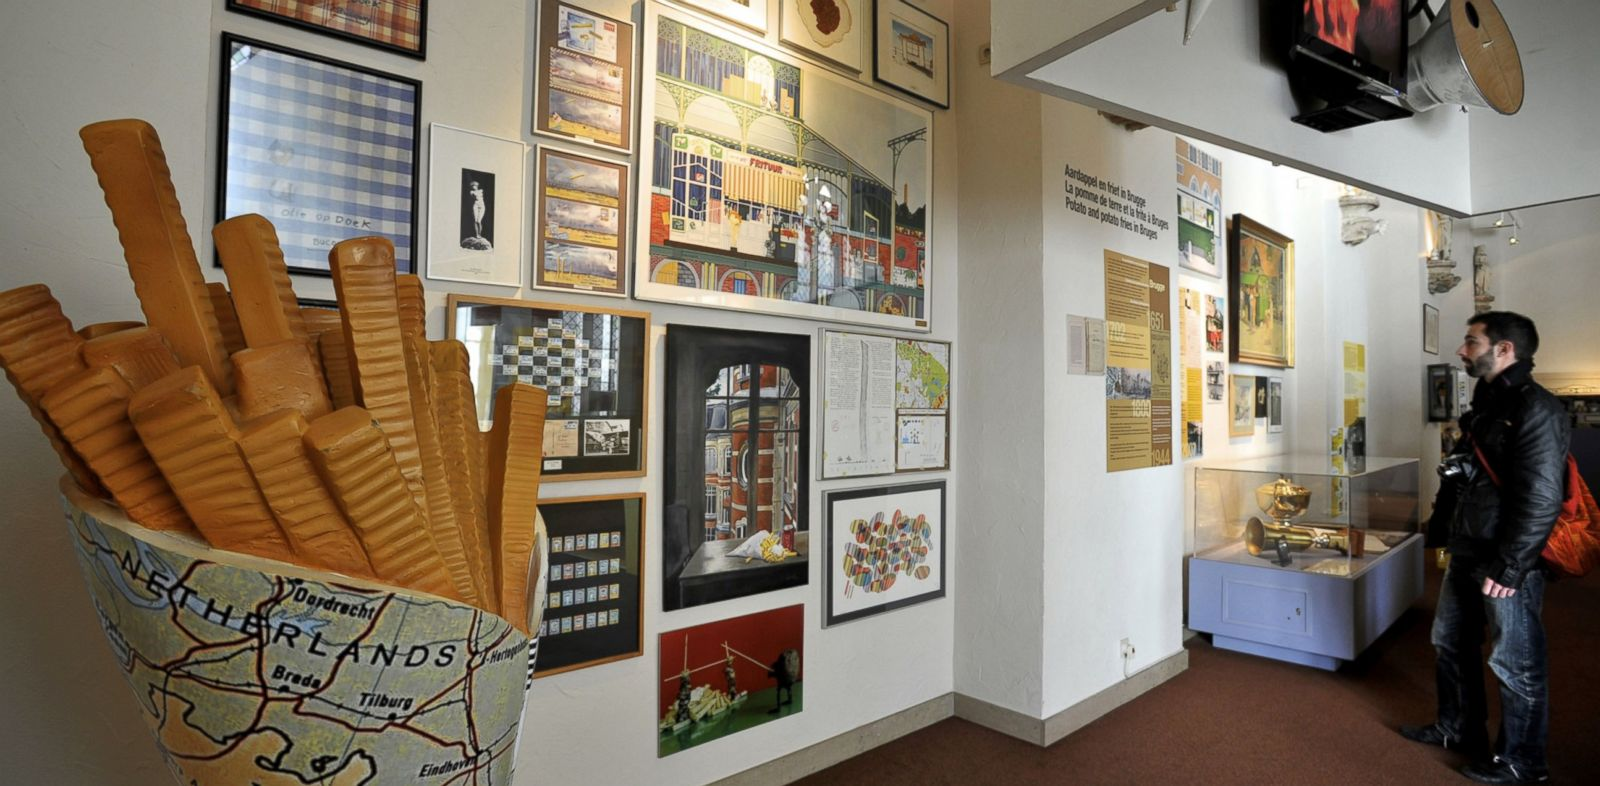 PHOTO: The Frietmuseum in Bruges, Belgium